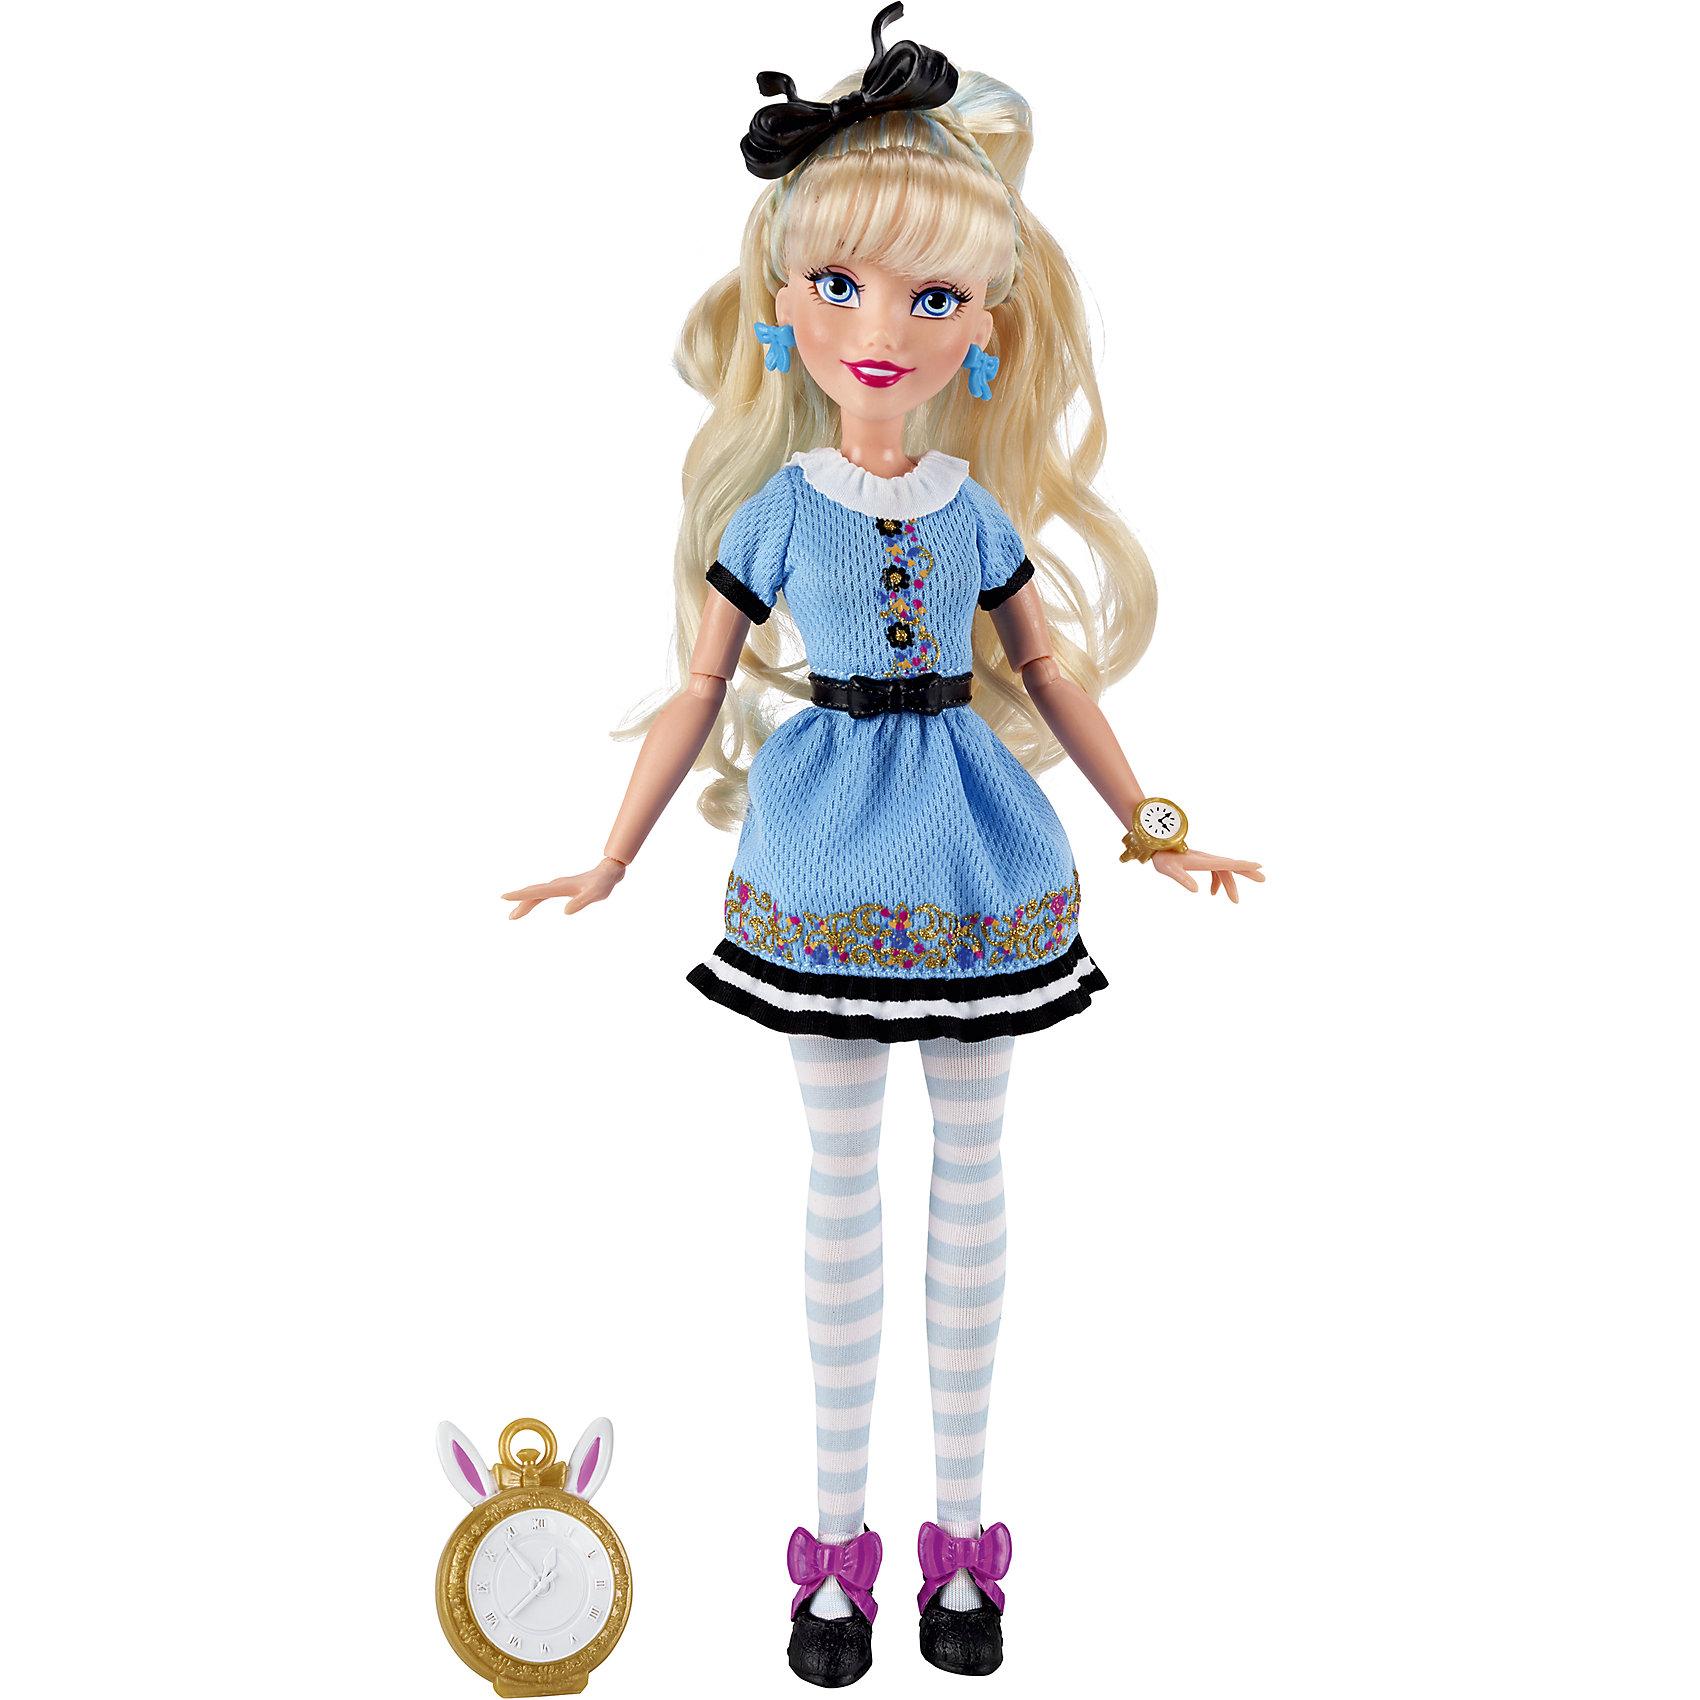 Светлые герои в оригинальных костюмах, DisneyДевочки обожают играть в куклы. Это не только весело, но и помогает развить ключевые социальные навыки! Кукла в виде персонажа из популярного диснеевского мультфильма Наследники приведет в восторг любую девочку! Она одета в соответствующий мультику наряд. Её конечности подвижны, она дополнена оригинальными аксессуарами. Волосы можно расчесывать.<br>Эта кукла обязательно порадует ребенка! Он станет отличным подарком и поможет девочке развивать свою фантазию и мелкую моторику. Игрушка сделана из качественных и безопасных для ребенка материалов.<br><br>Дополнительная информация:<br><br>цвет: разноцветный;<br>высота: 29 см;<br>вес: 273 г;<br>комплектация: кукла, одежда, аксессуары;<br>материал: пластик, текстиль.<br><br>Куклу Светлые герои в оригинальных костюмах, Disney можно купить в нашем магазине.<br><br>Ширина мм: 63<br>Глубина мм: 207<br>Высота мм: 332<br>Вес г: 273<br>Возраст от месяцев: 72<br>Возраст до месяцев: 144<br>Пол: Женский<br>Возраст: Детский<br>SKU: 4920663